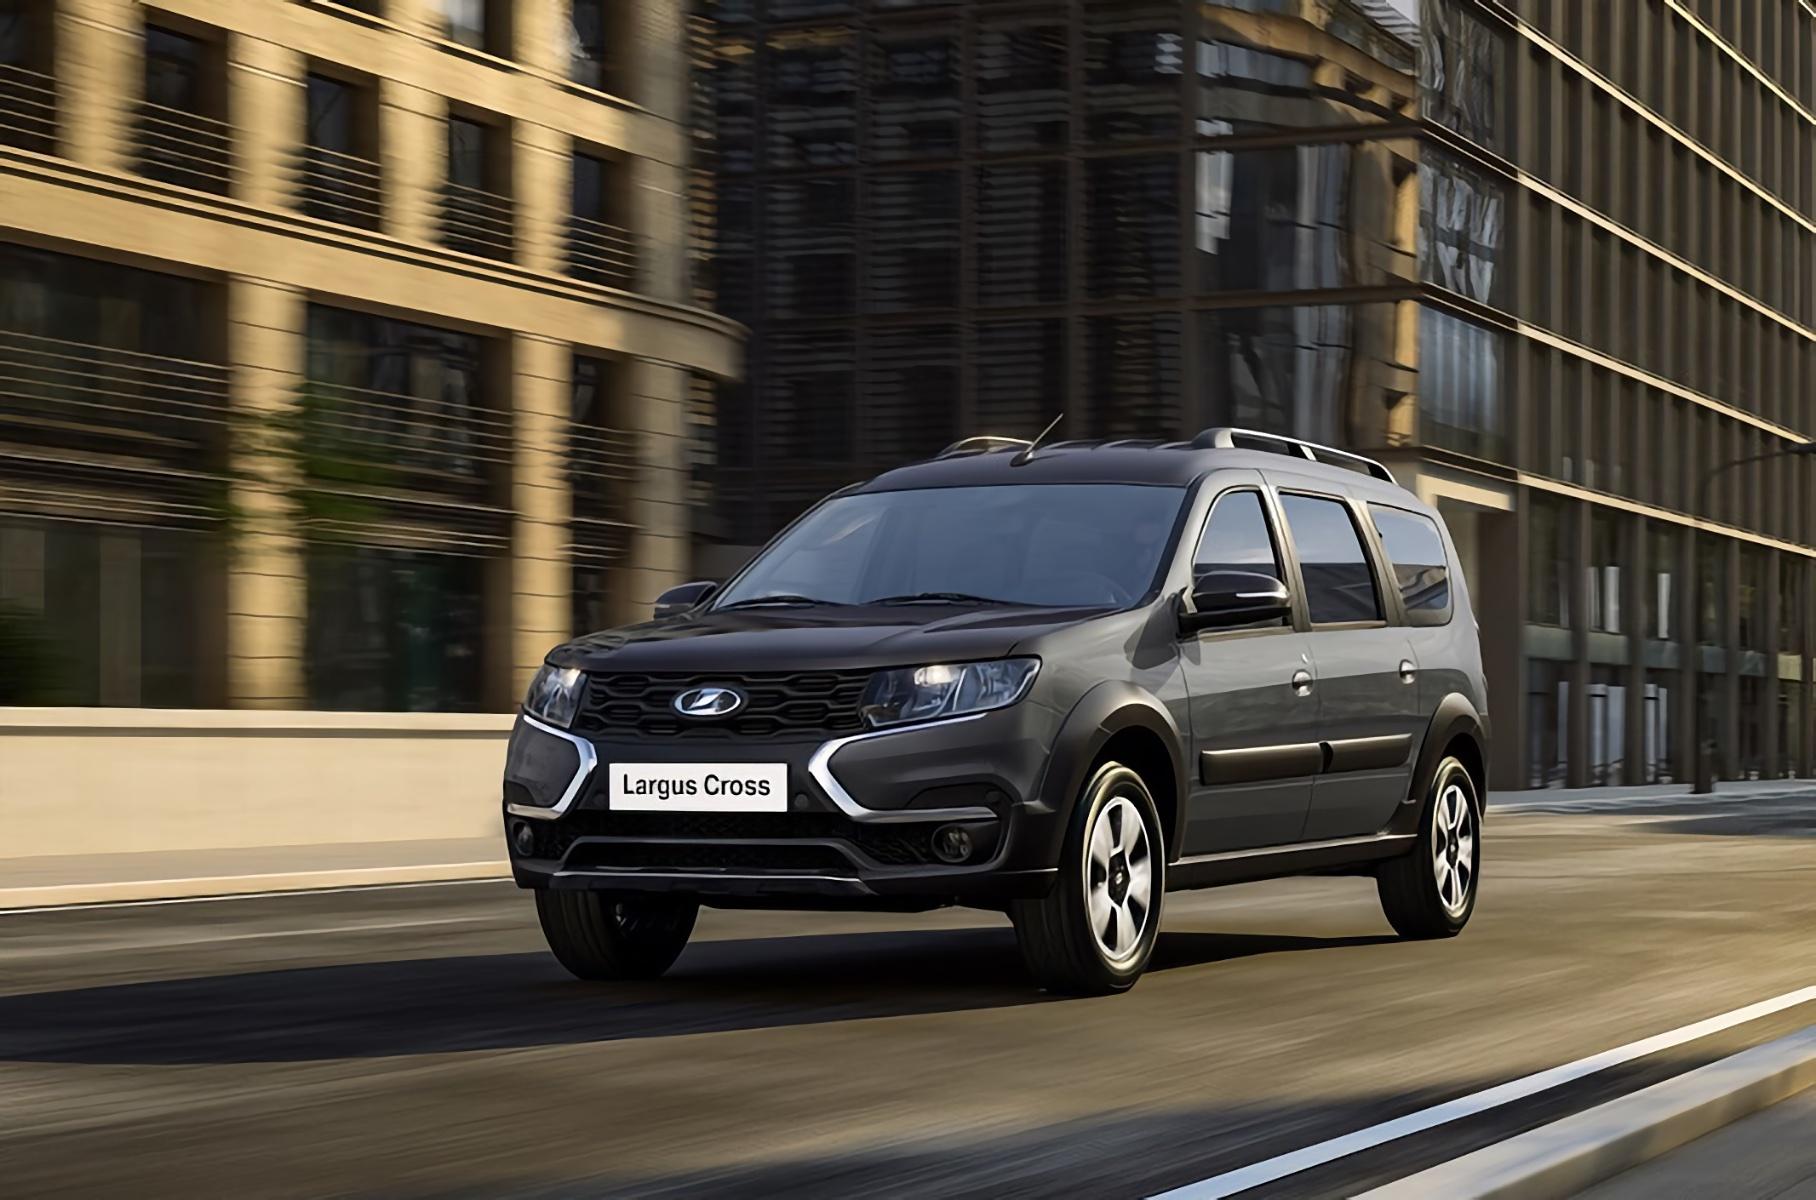 АвтоВАЗ раскрыл внешность обновленного Lada Largus